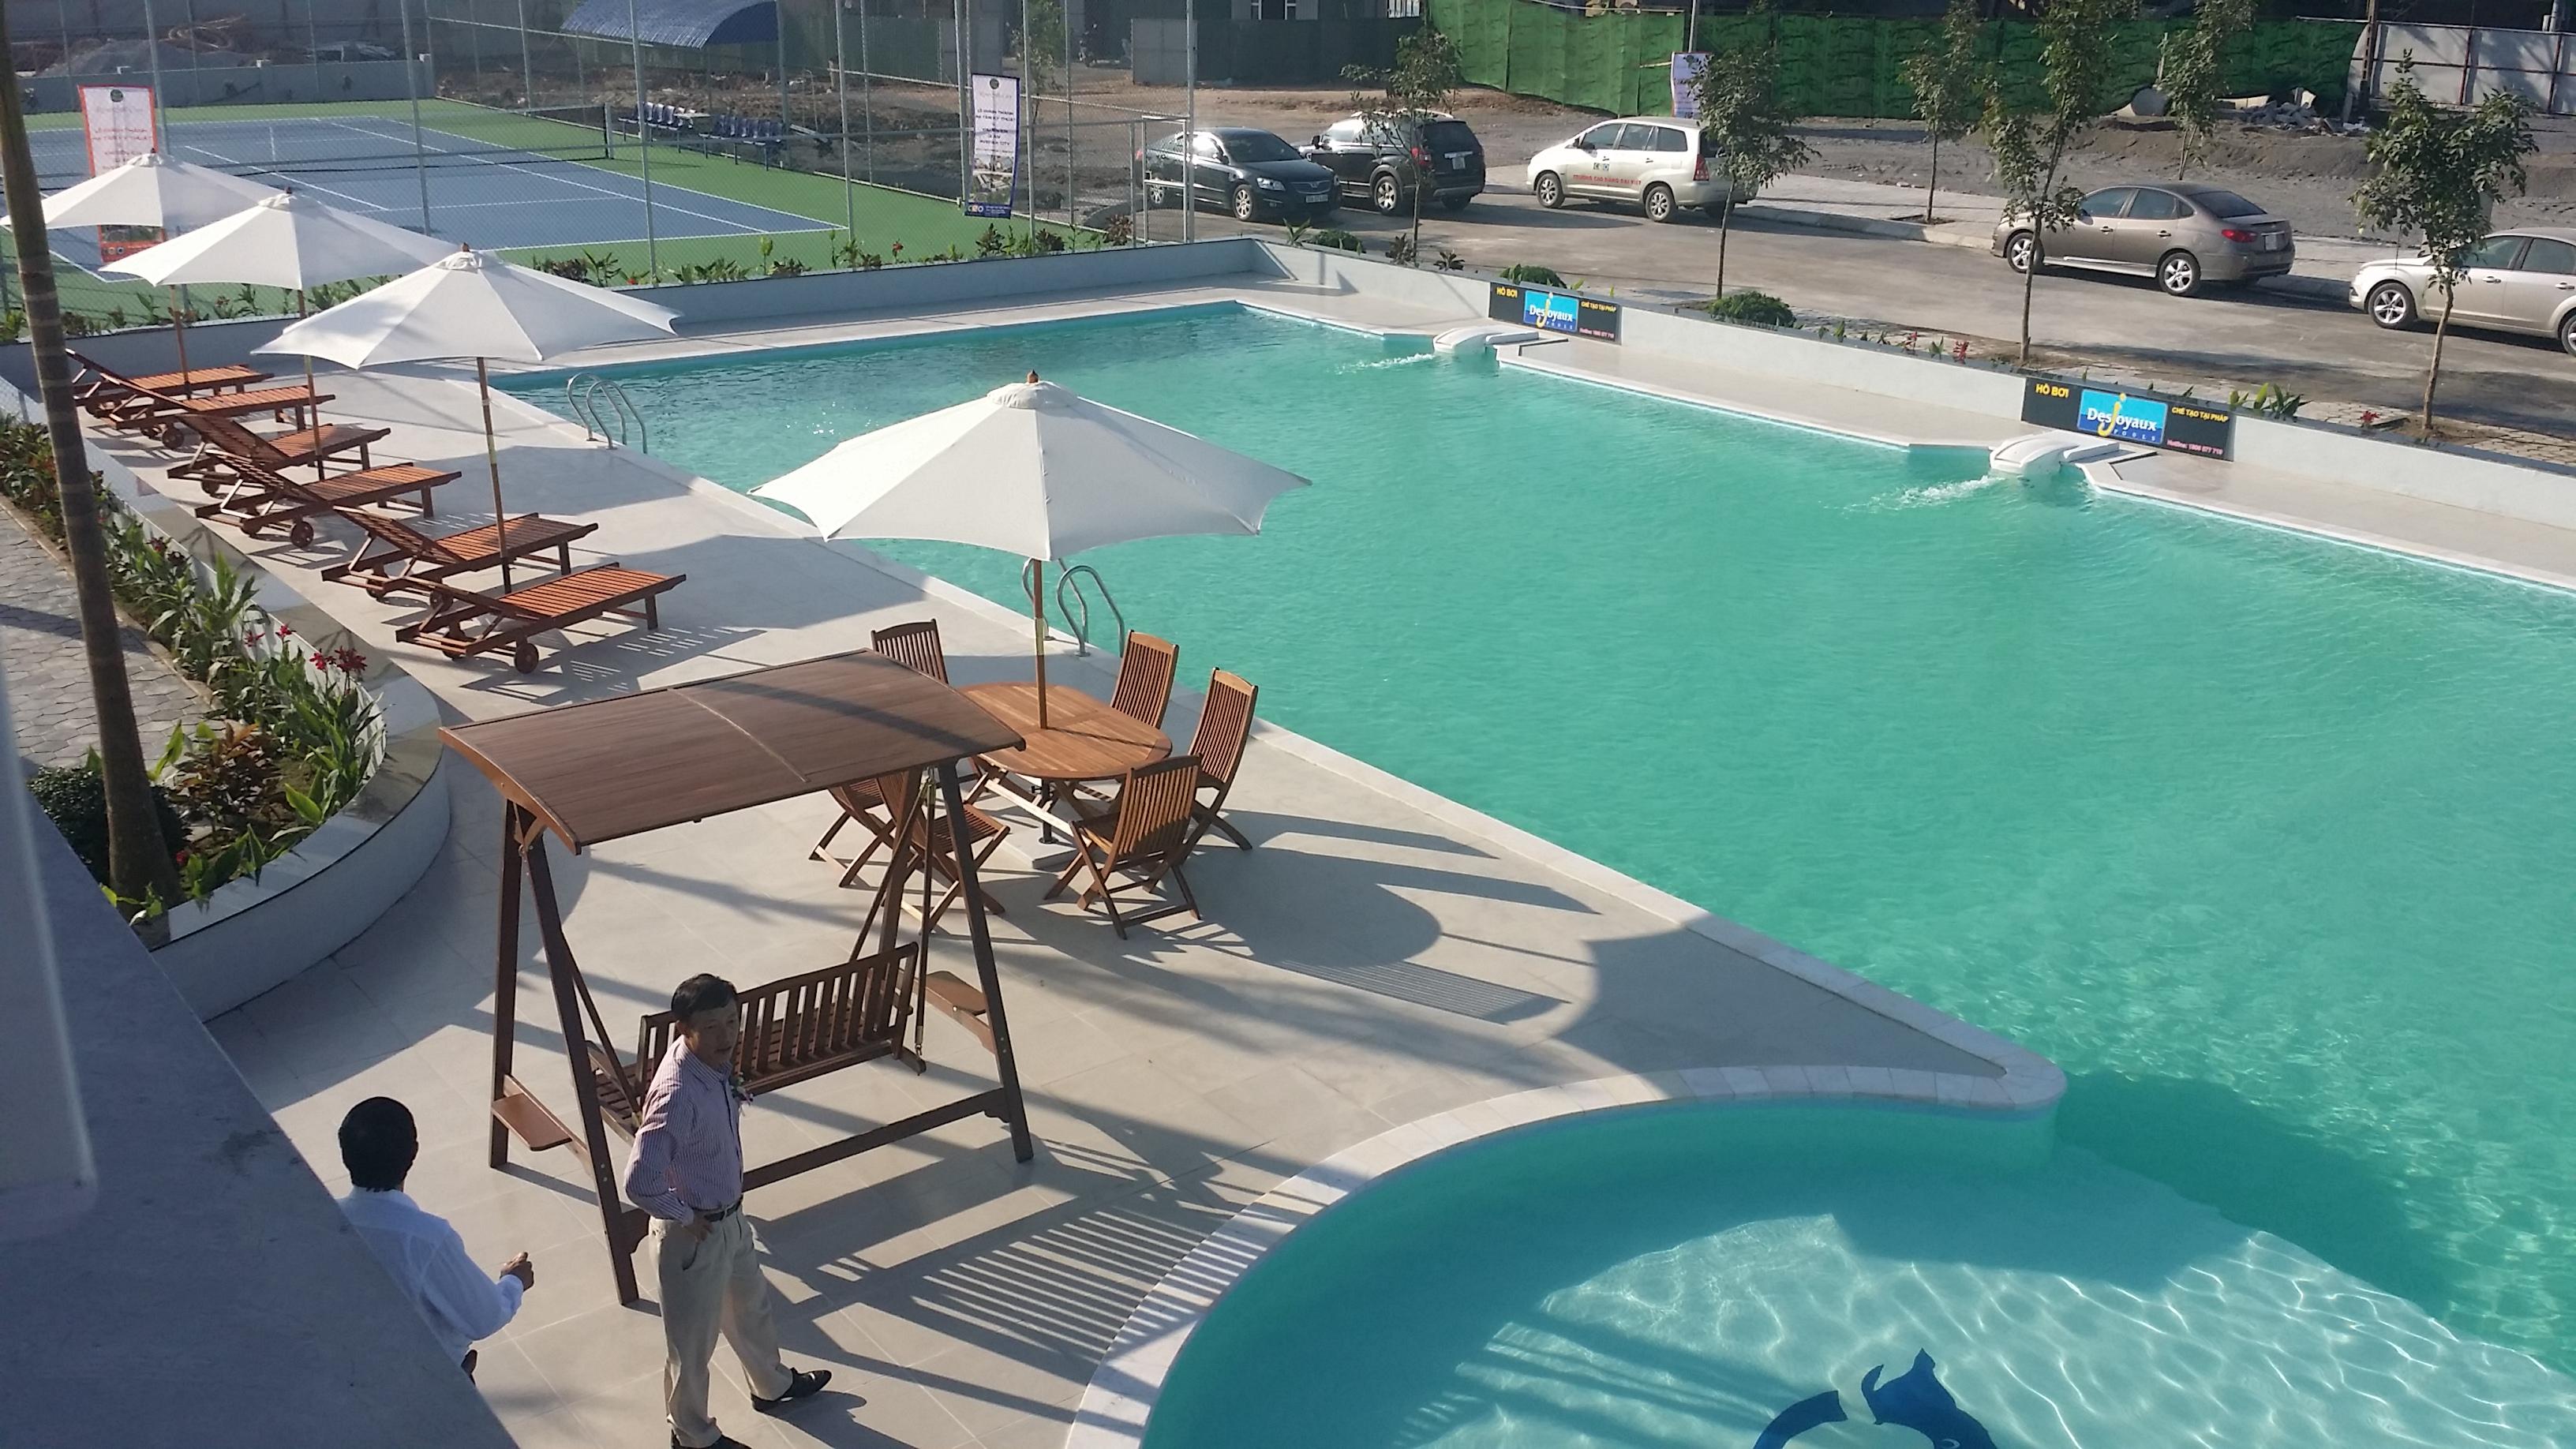 Bể bơi.jpg